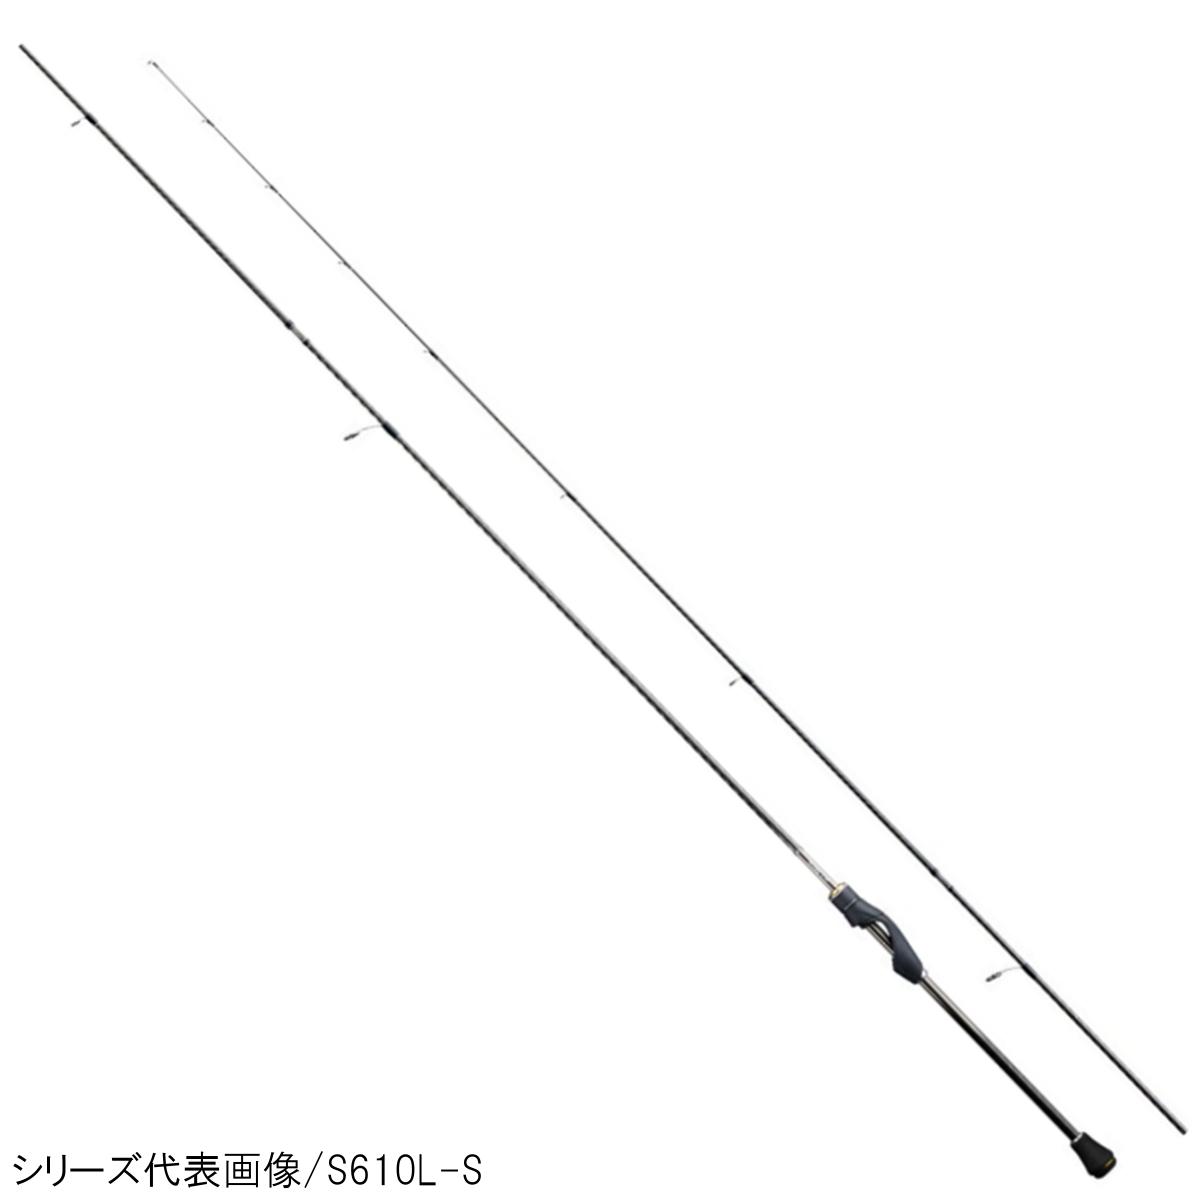 シマノ ソアレ CI4+ アジング S604L-S